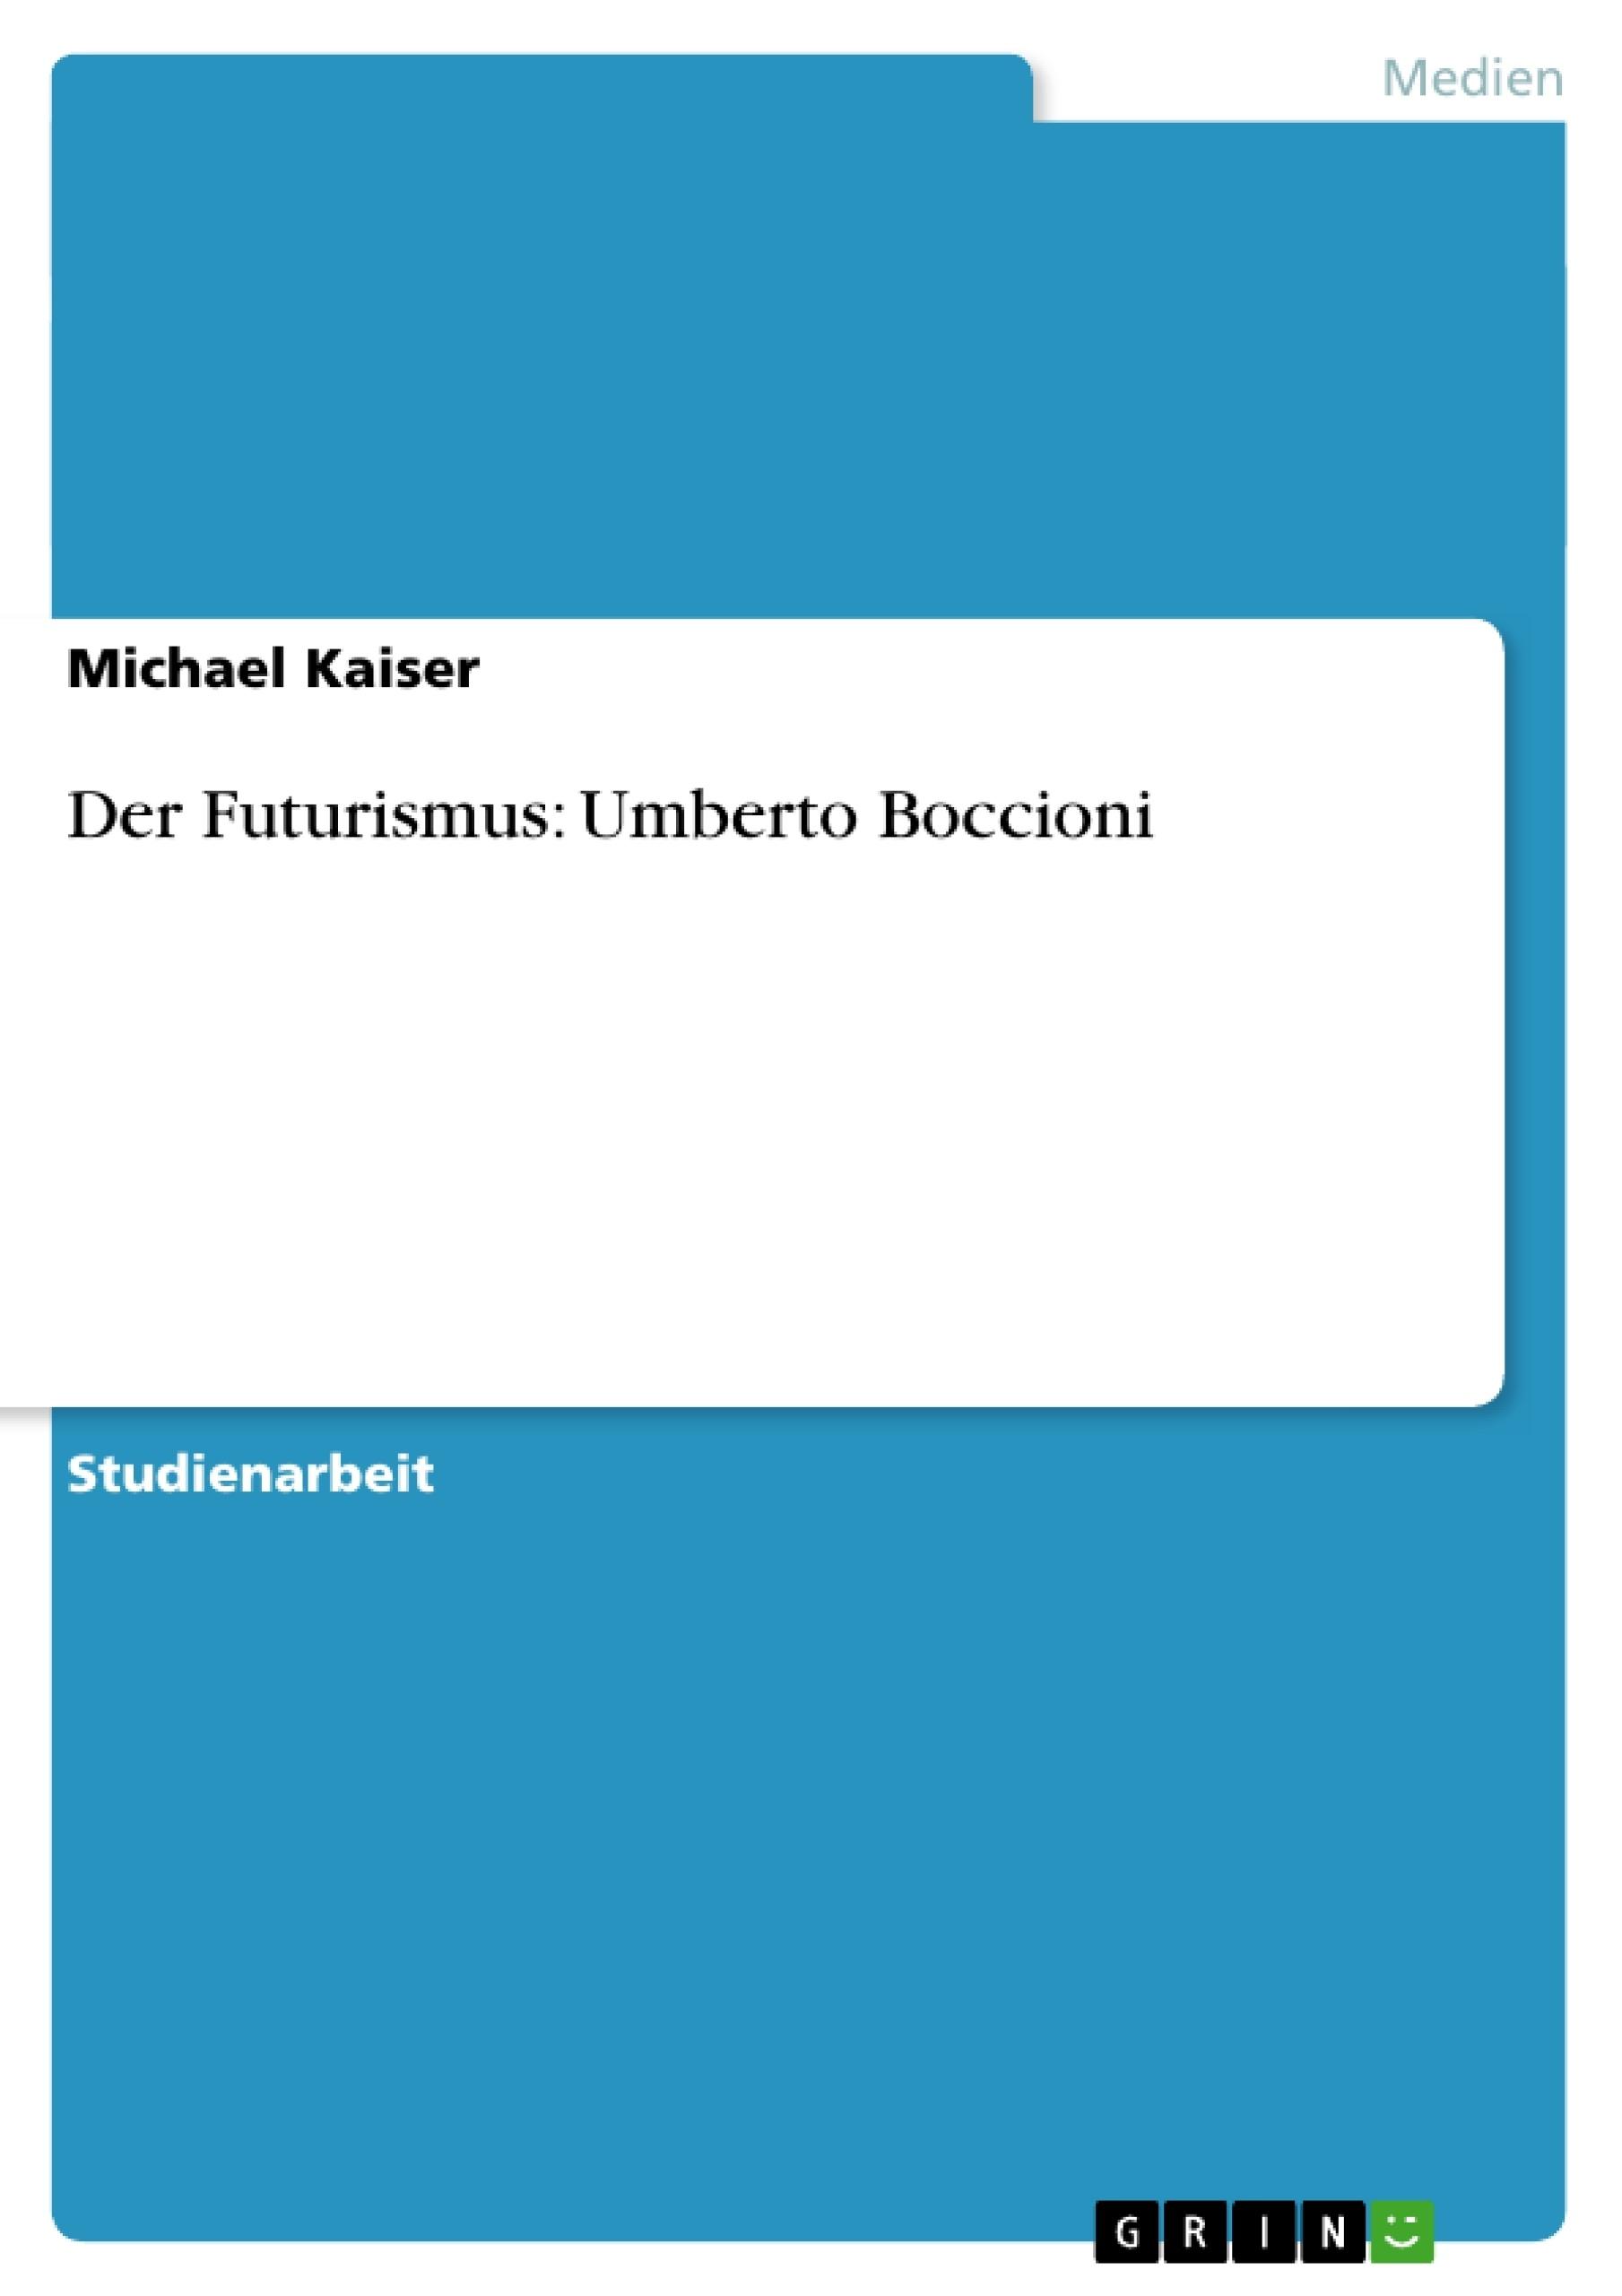 Titel: Der Futurismus: Umberto Boccioni